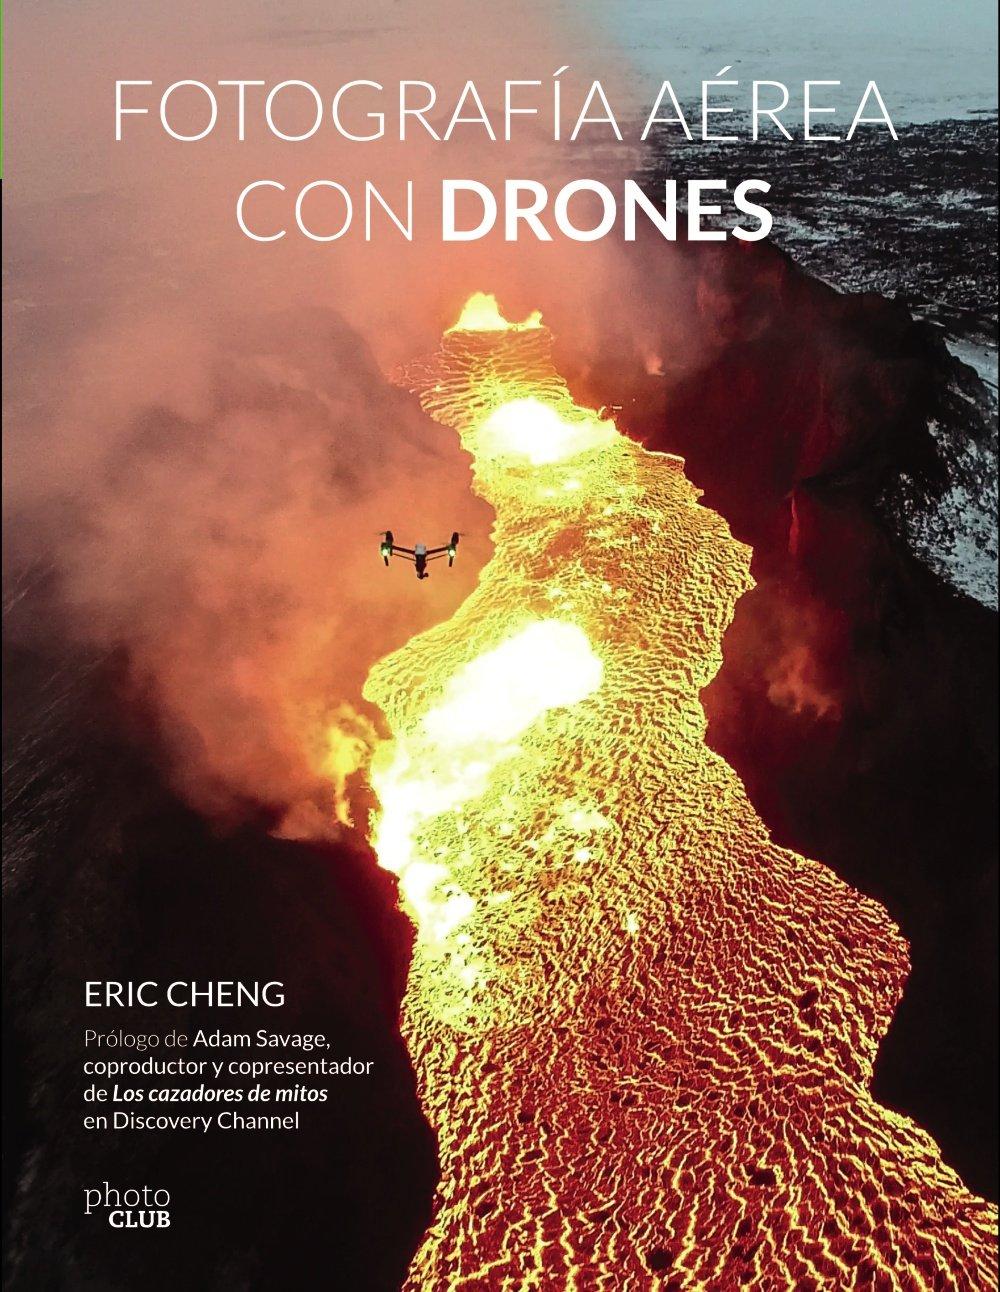 Fotografía aérea con drones (Photoclub): Amazon.es: Eric Cheng: Libros